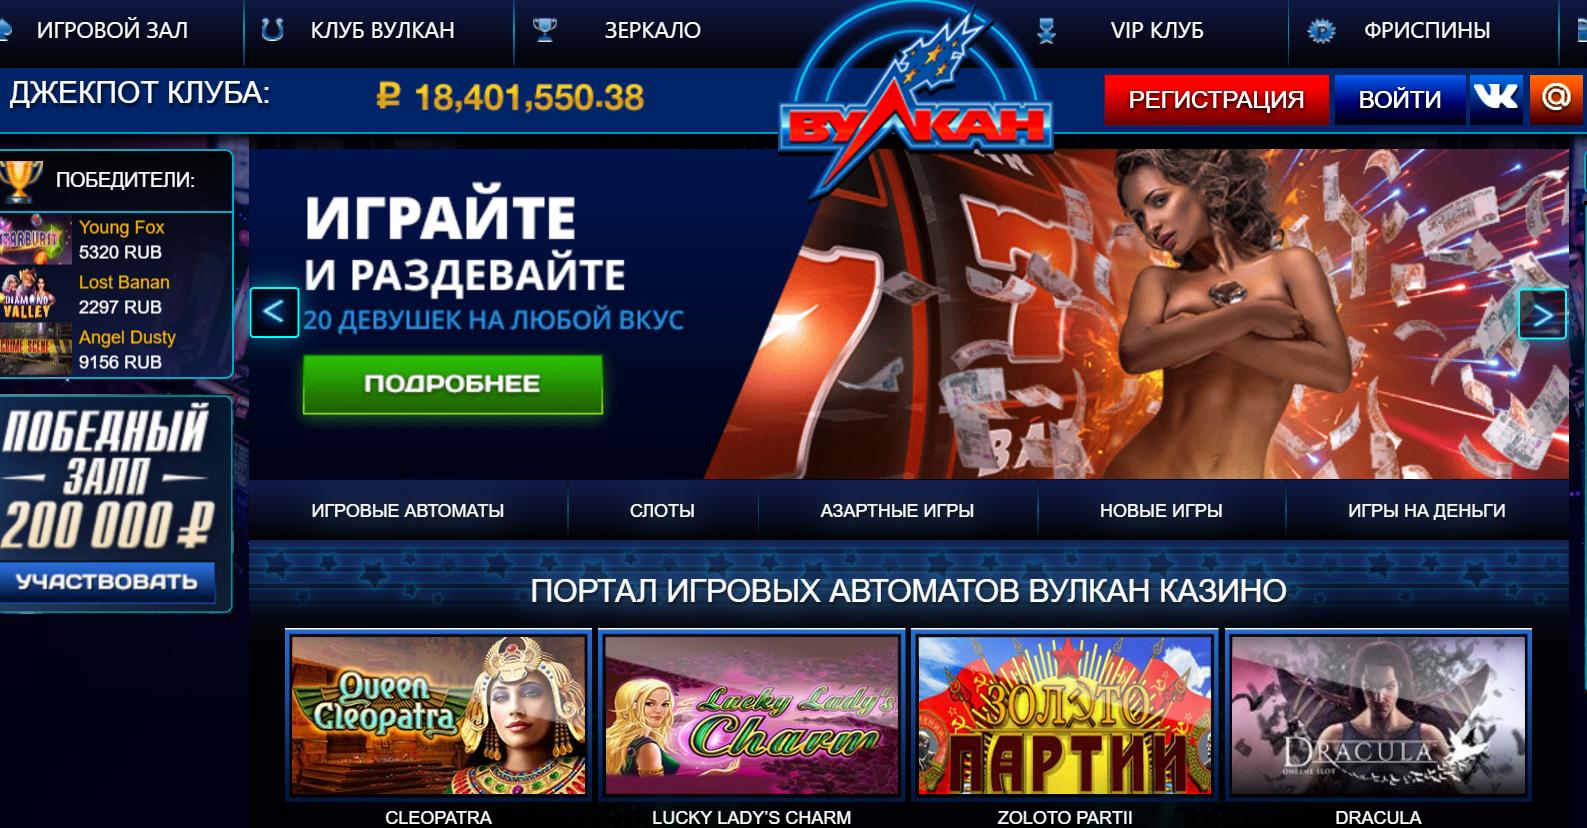 Достоинства онлайн казино Вулкан